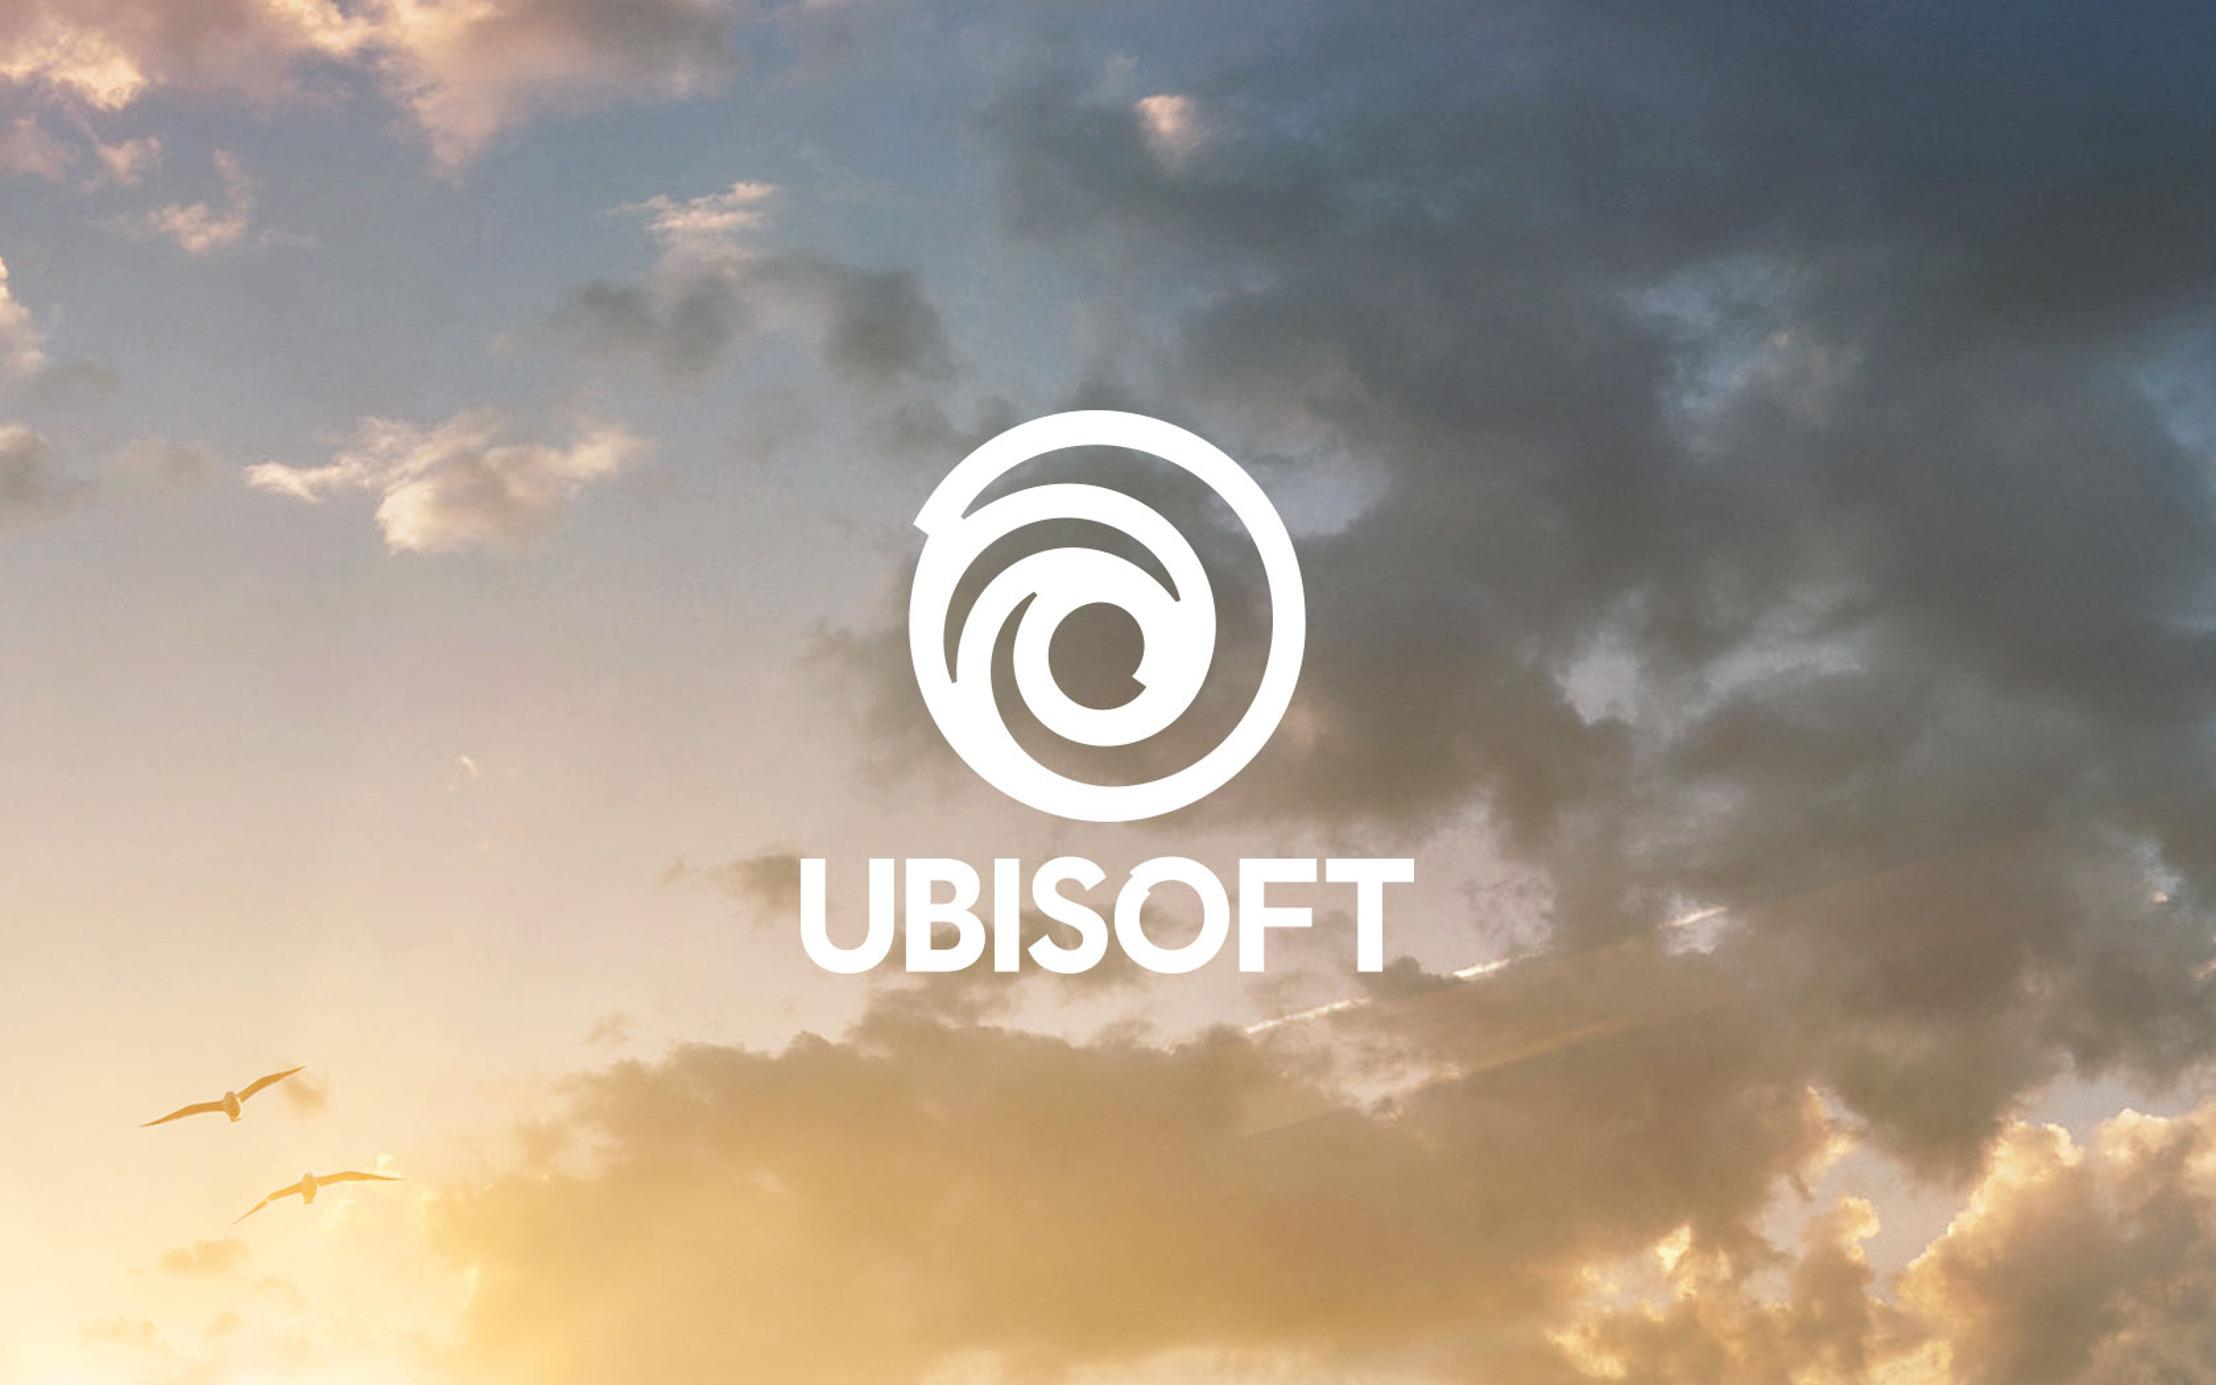 Preview: UBISOFT GIBT NEUE RELEASE-DATEN FÜR TOM CLANCY'S RAINBOW SIX® EXTRACTION UND RIDERS REPUBLIC™ BEKANNT